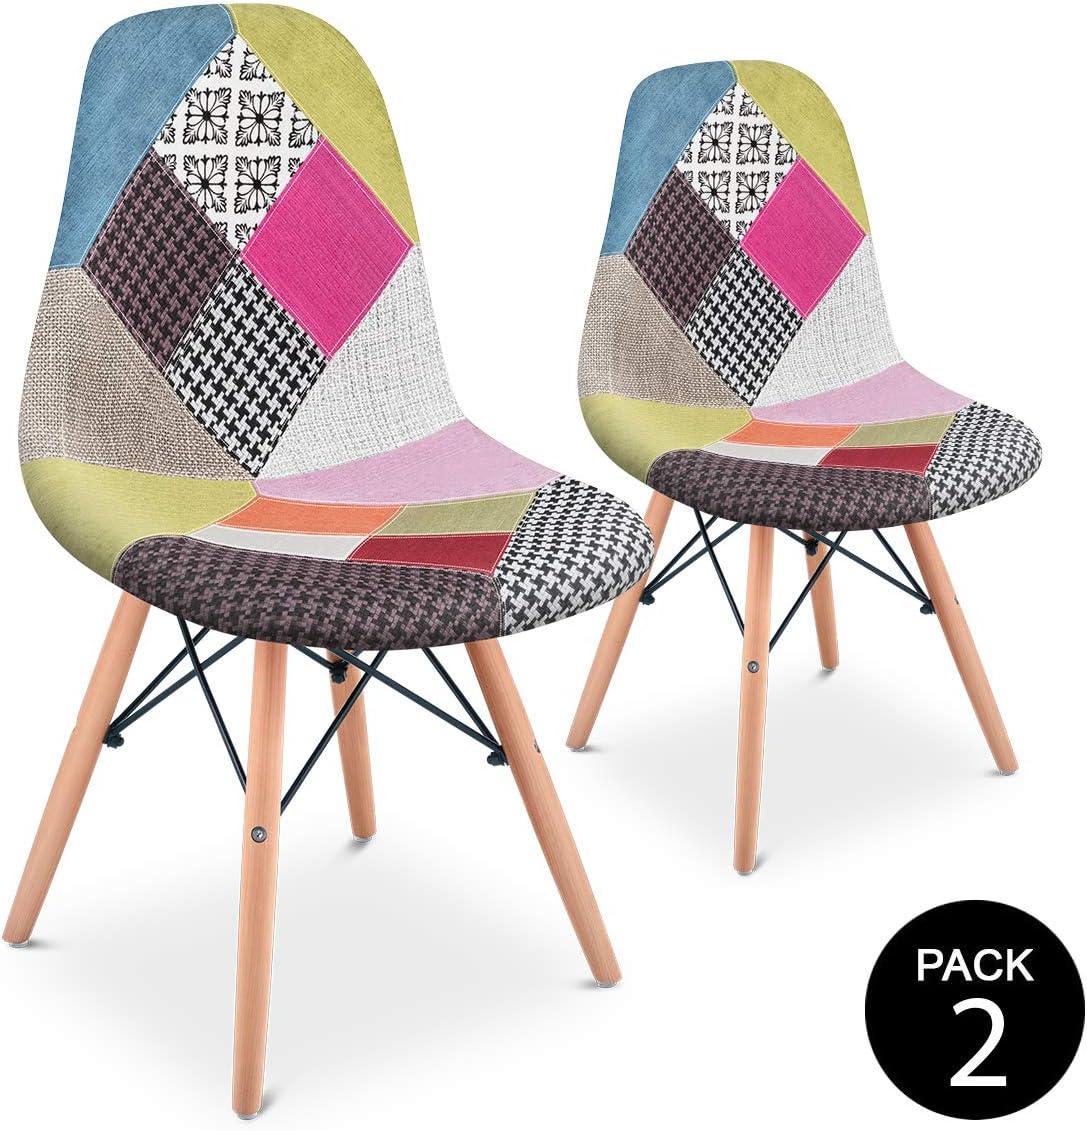 Mc Haus SENA Patchwork - Pack 2 Sillas comedor vintage patchwork tower multicolor rosa diseño tapizado sillas salon estilo retro diseño tower 49x46x84cm